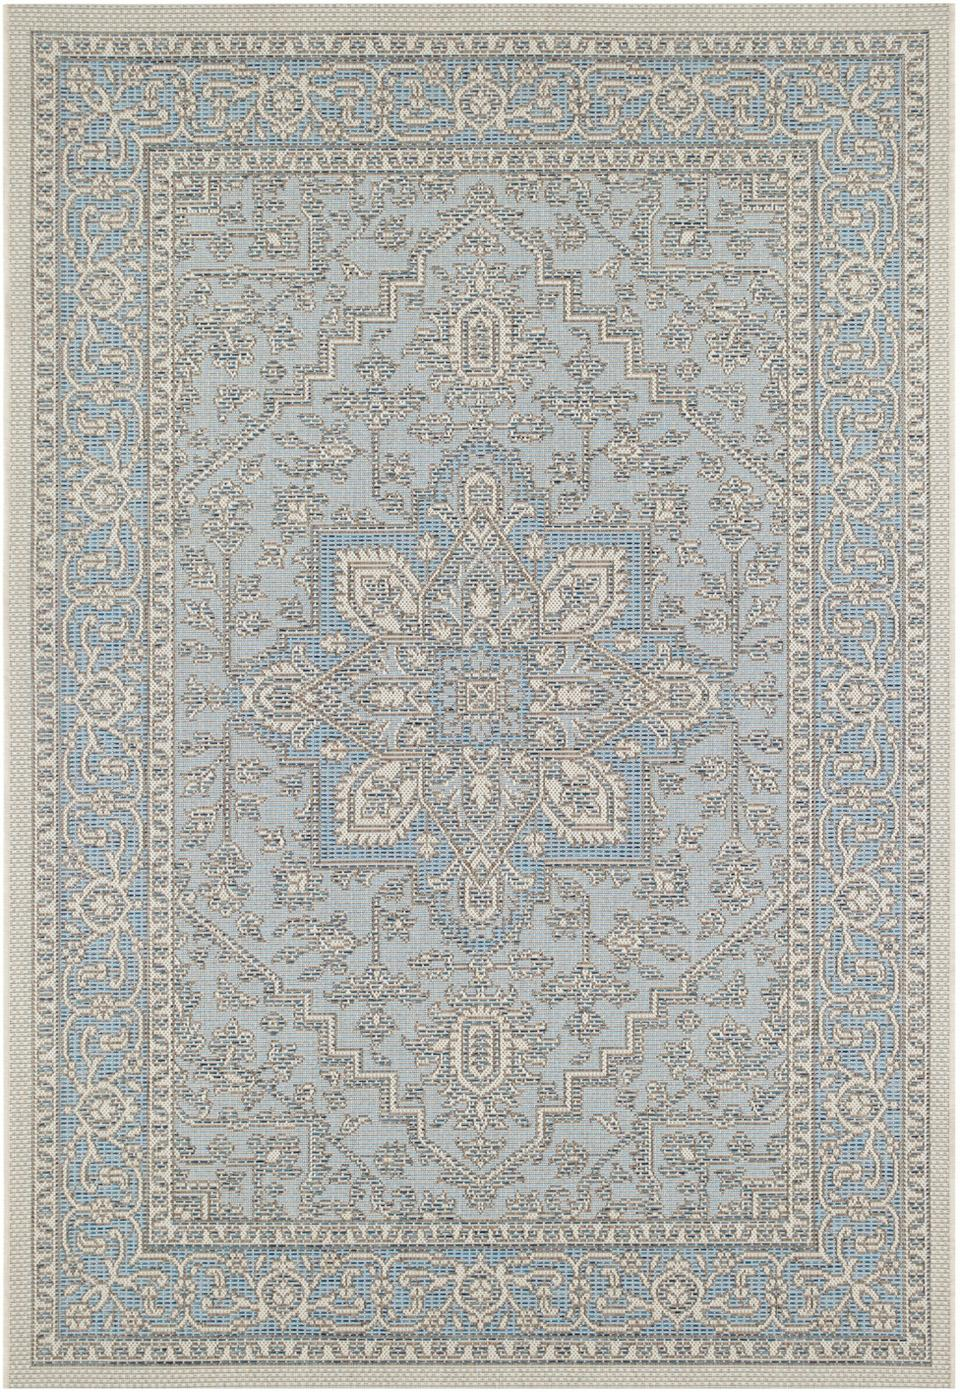 In- & Outdoor-Teppich Anjara im Vintage Style, 100% Polypropylen, Azurblau, Taupe, B 200 x L 290 cm (Größe L)